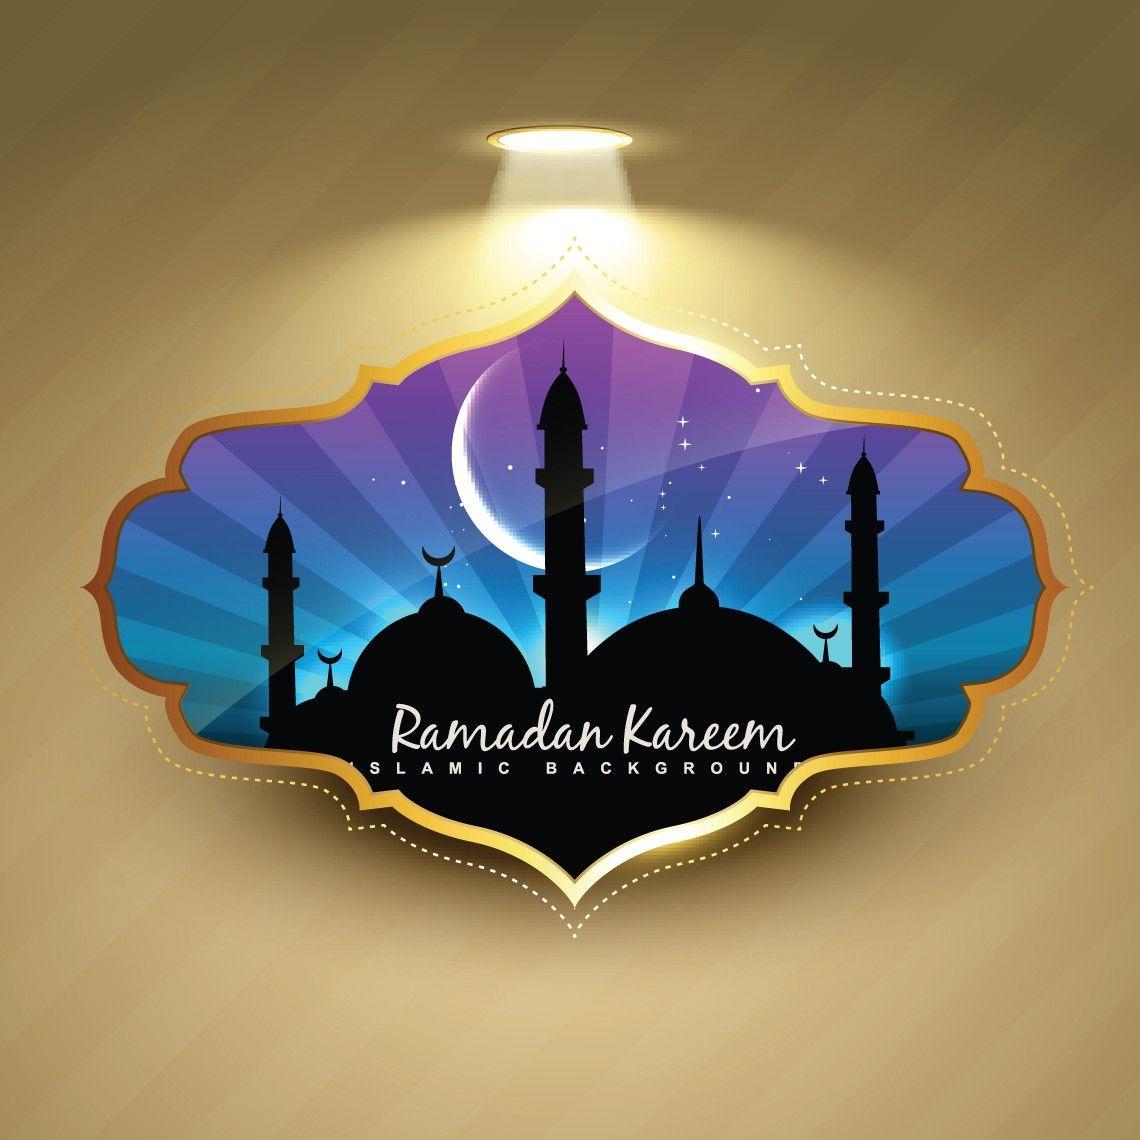 Ramadan Mubarak Hd Wallpapers Best Newest Elsoar Wallpaper Ramadhan Ramadan Kareem Wallpaper